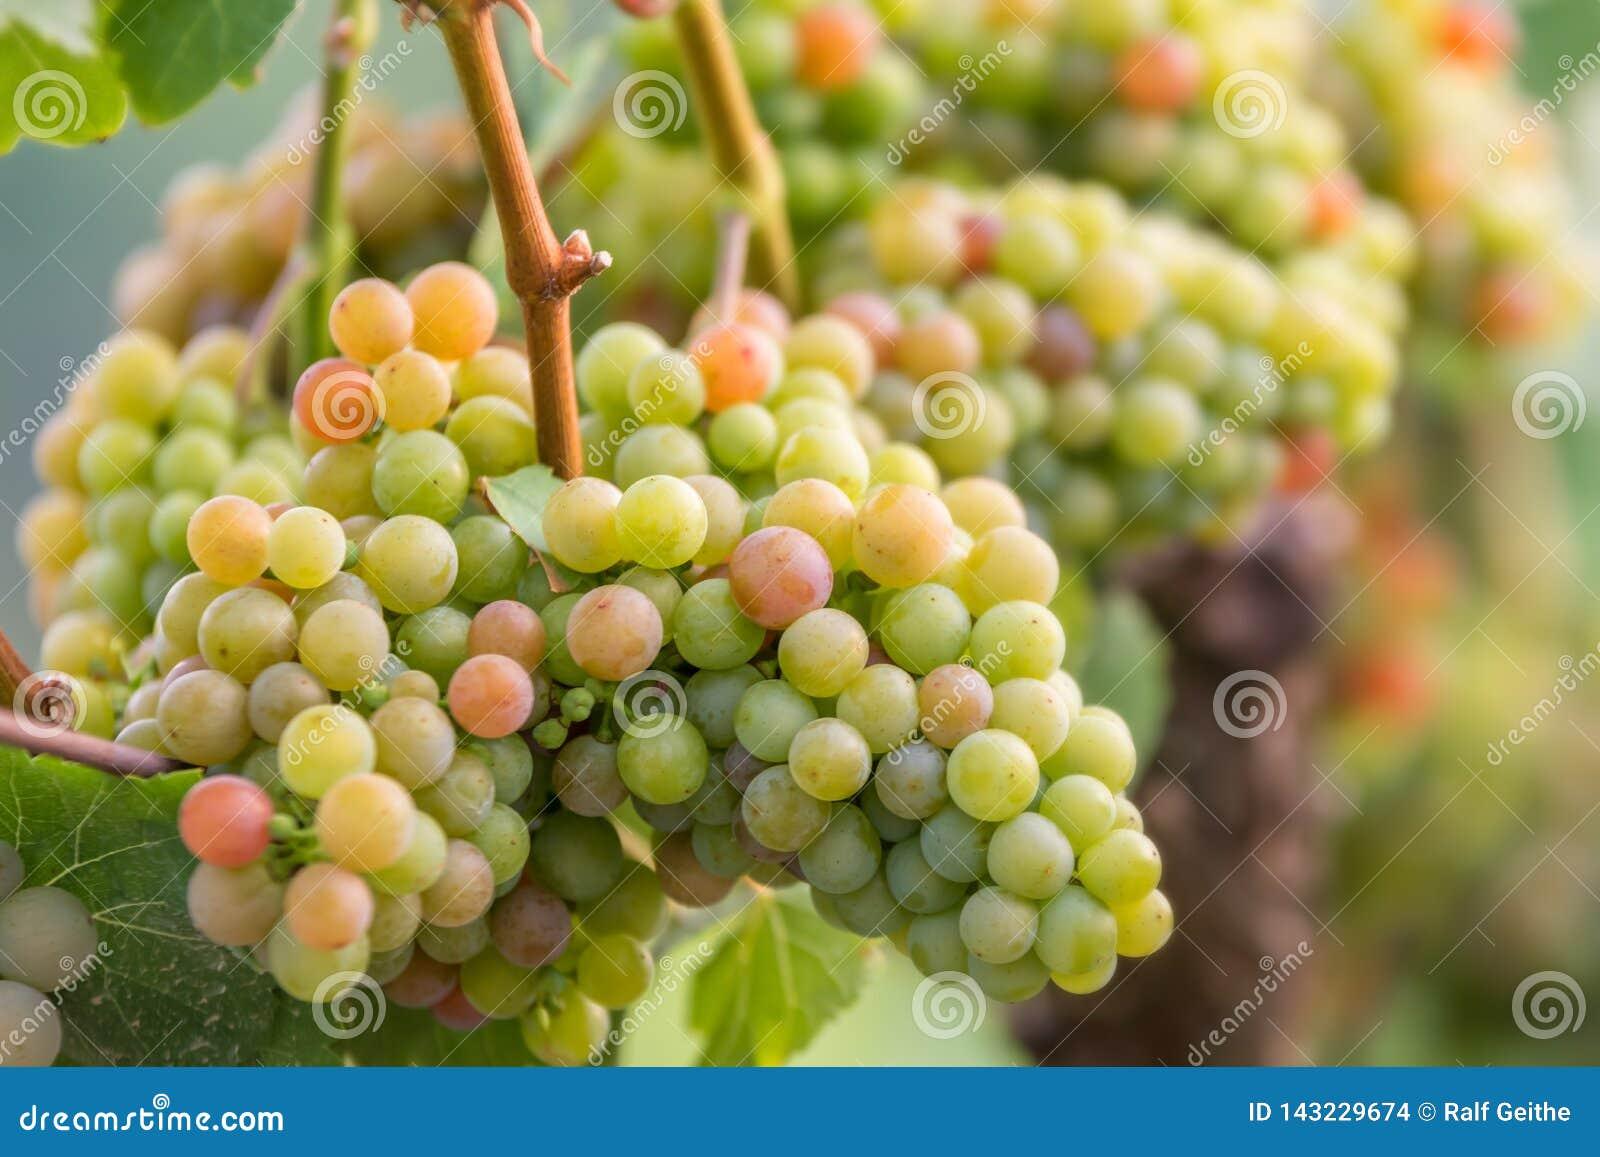 葡萄在德国葡萄种植兼葡萄酿酒业区域